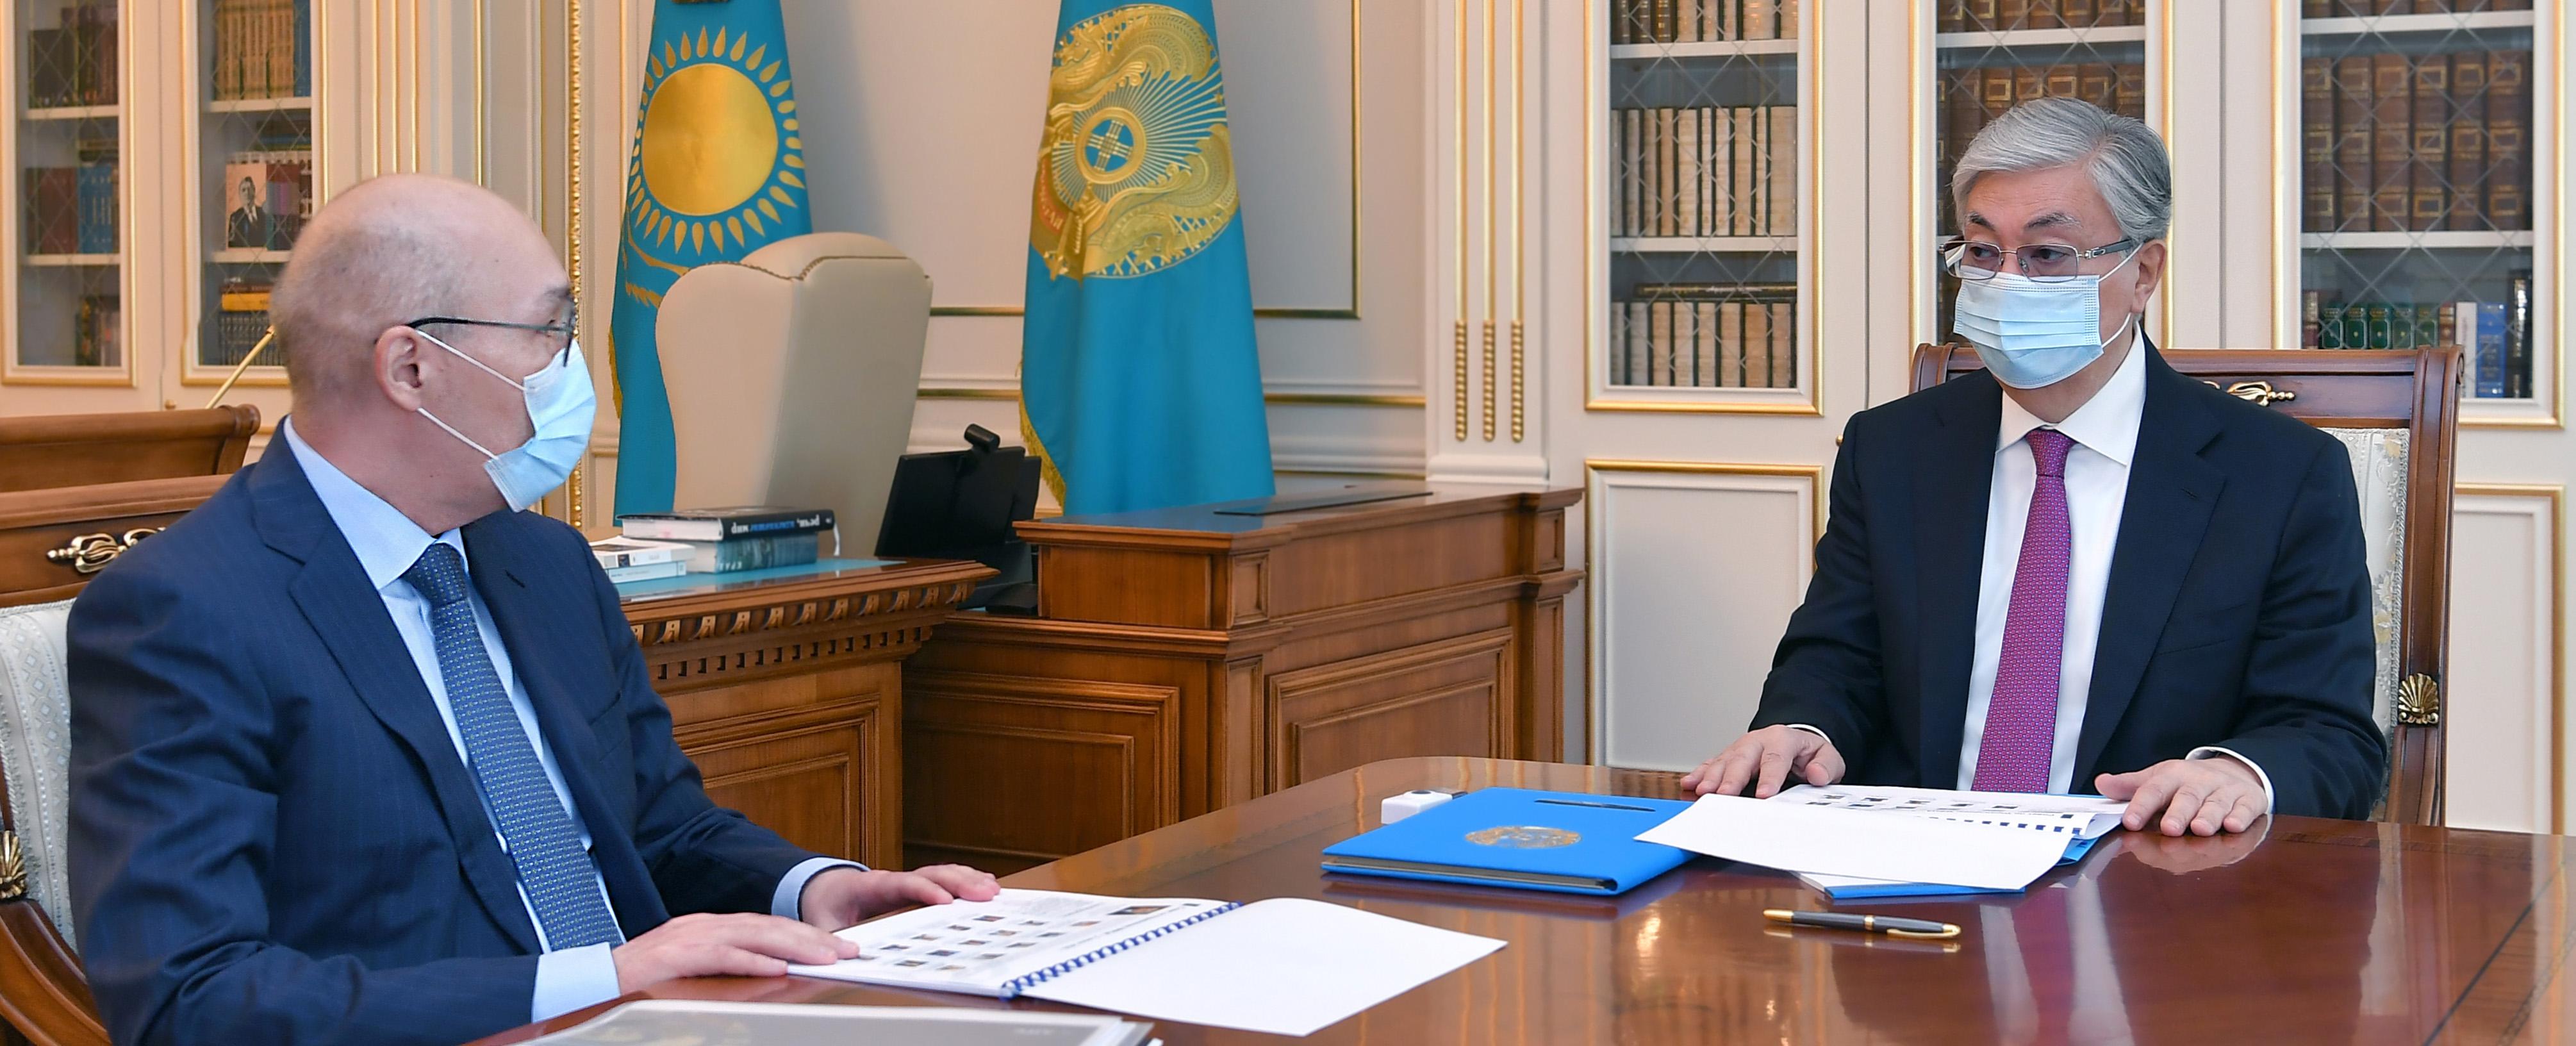 Қайрат Келімбетов Президентке АХҚО жұмысын жаңғырту жайын баяндады